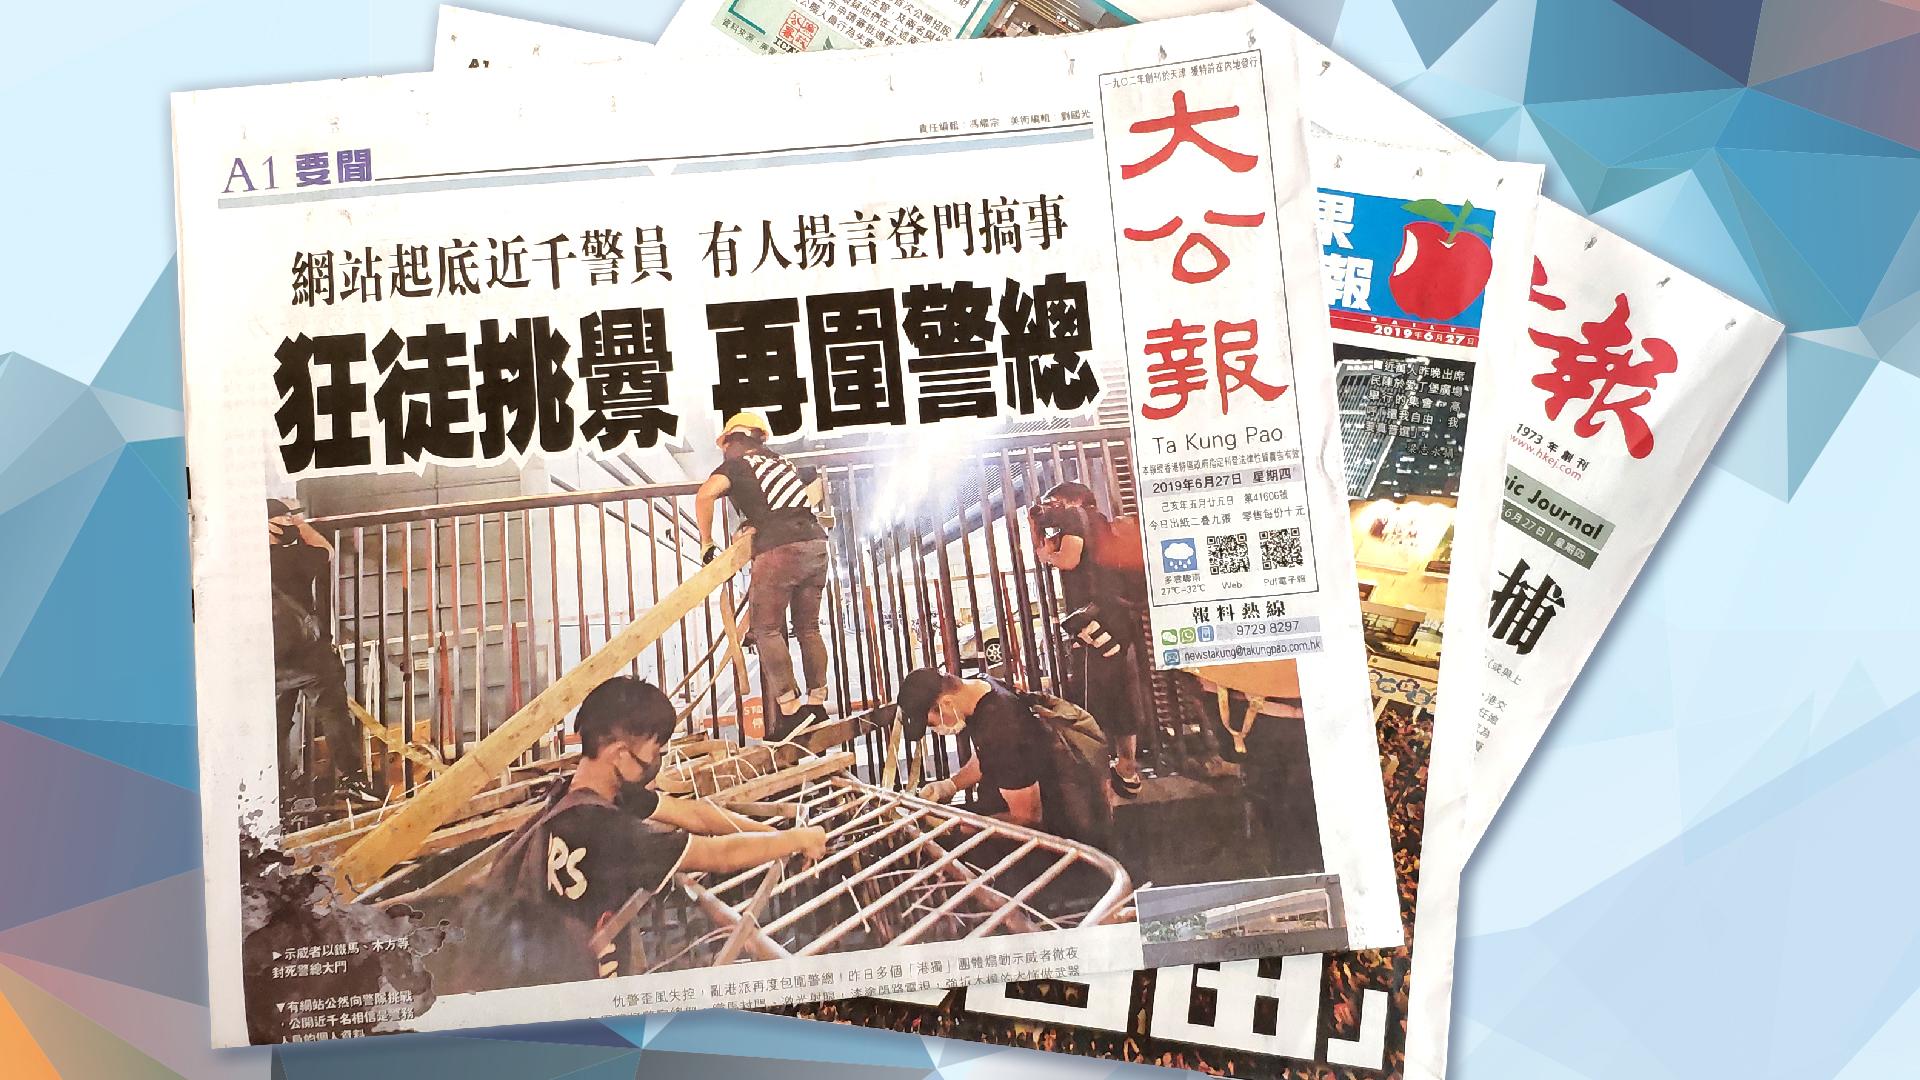 【報章A1速覽】狂徒挑釁 再圍警總;港交所上市部前主管涉貪被捕